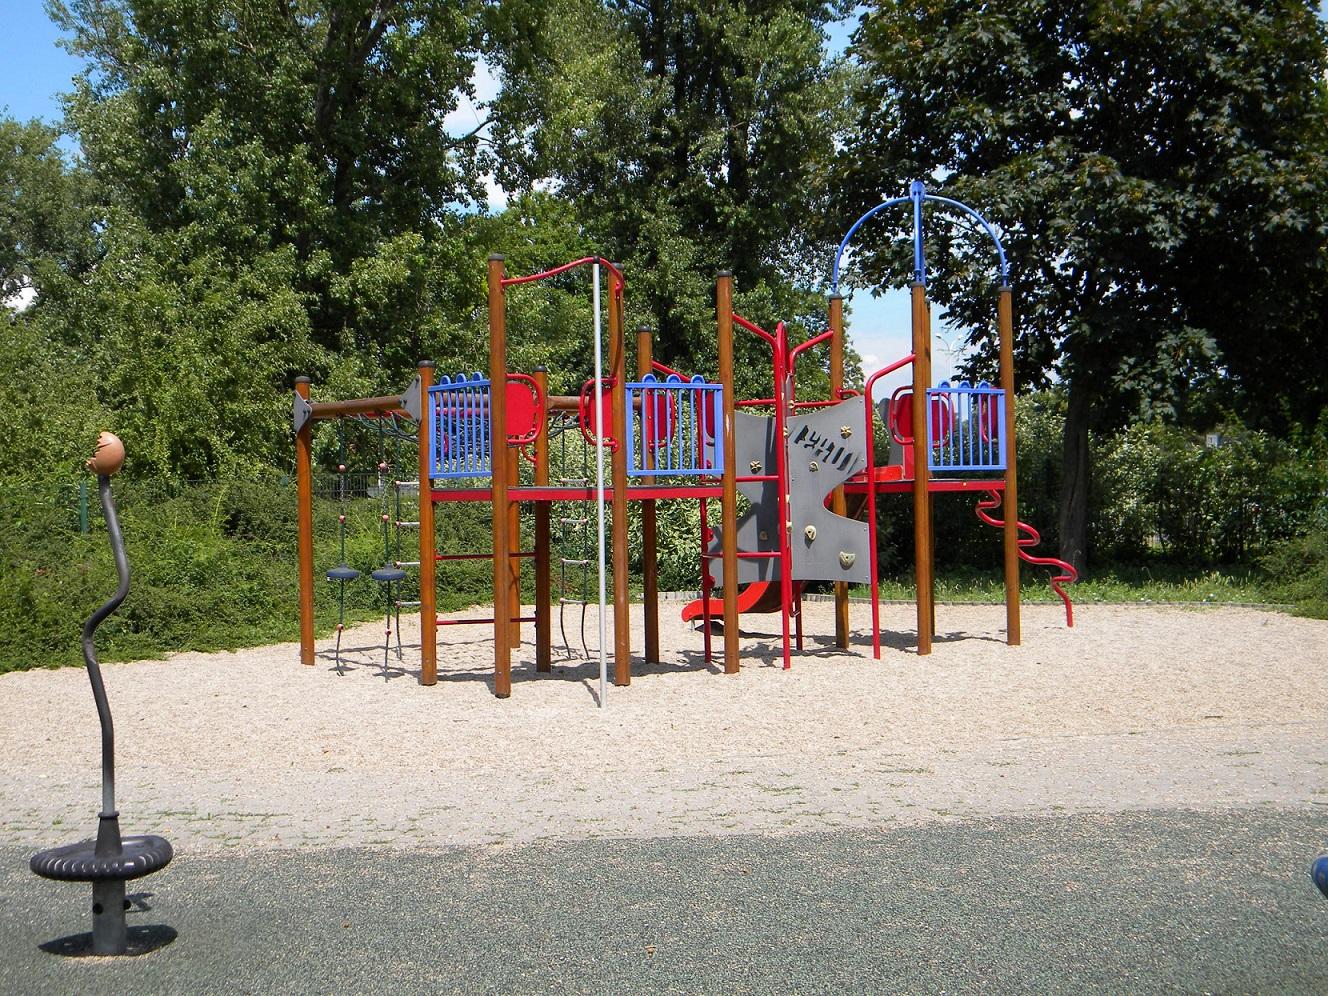 Plac zabaw dla dzieci przy ul. Bugaj